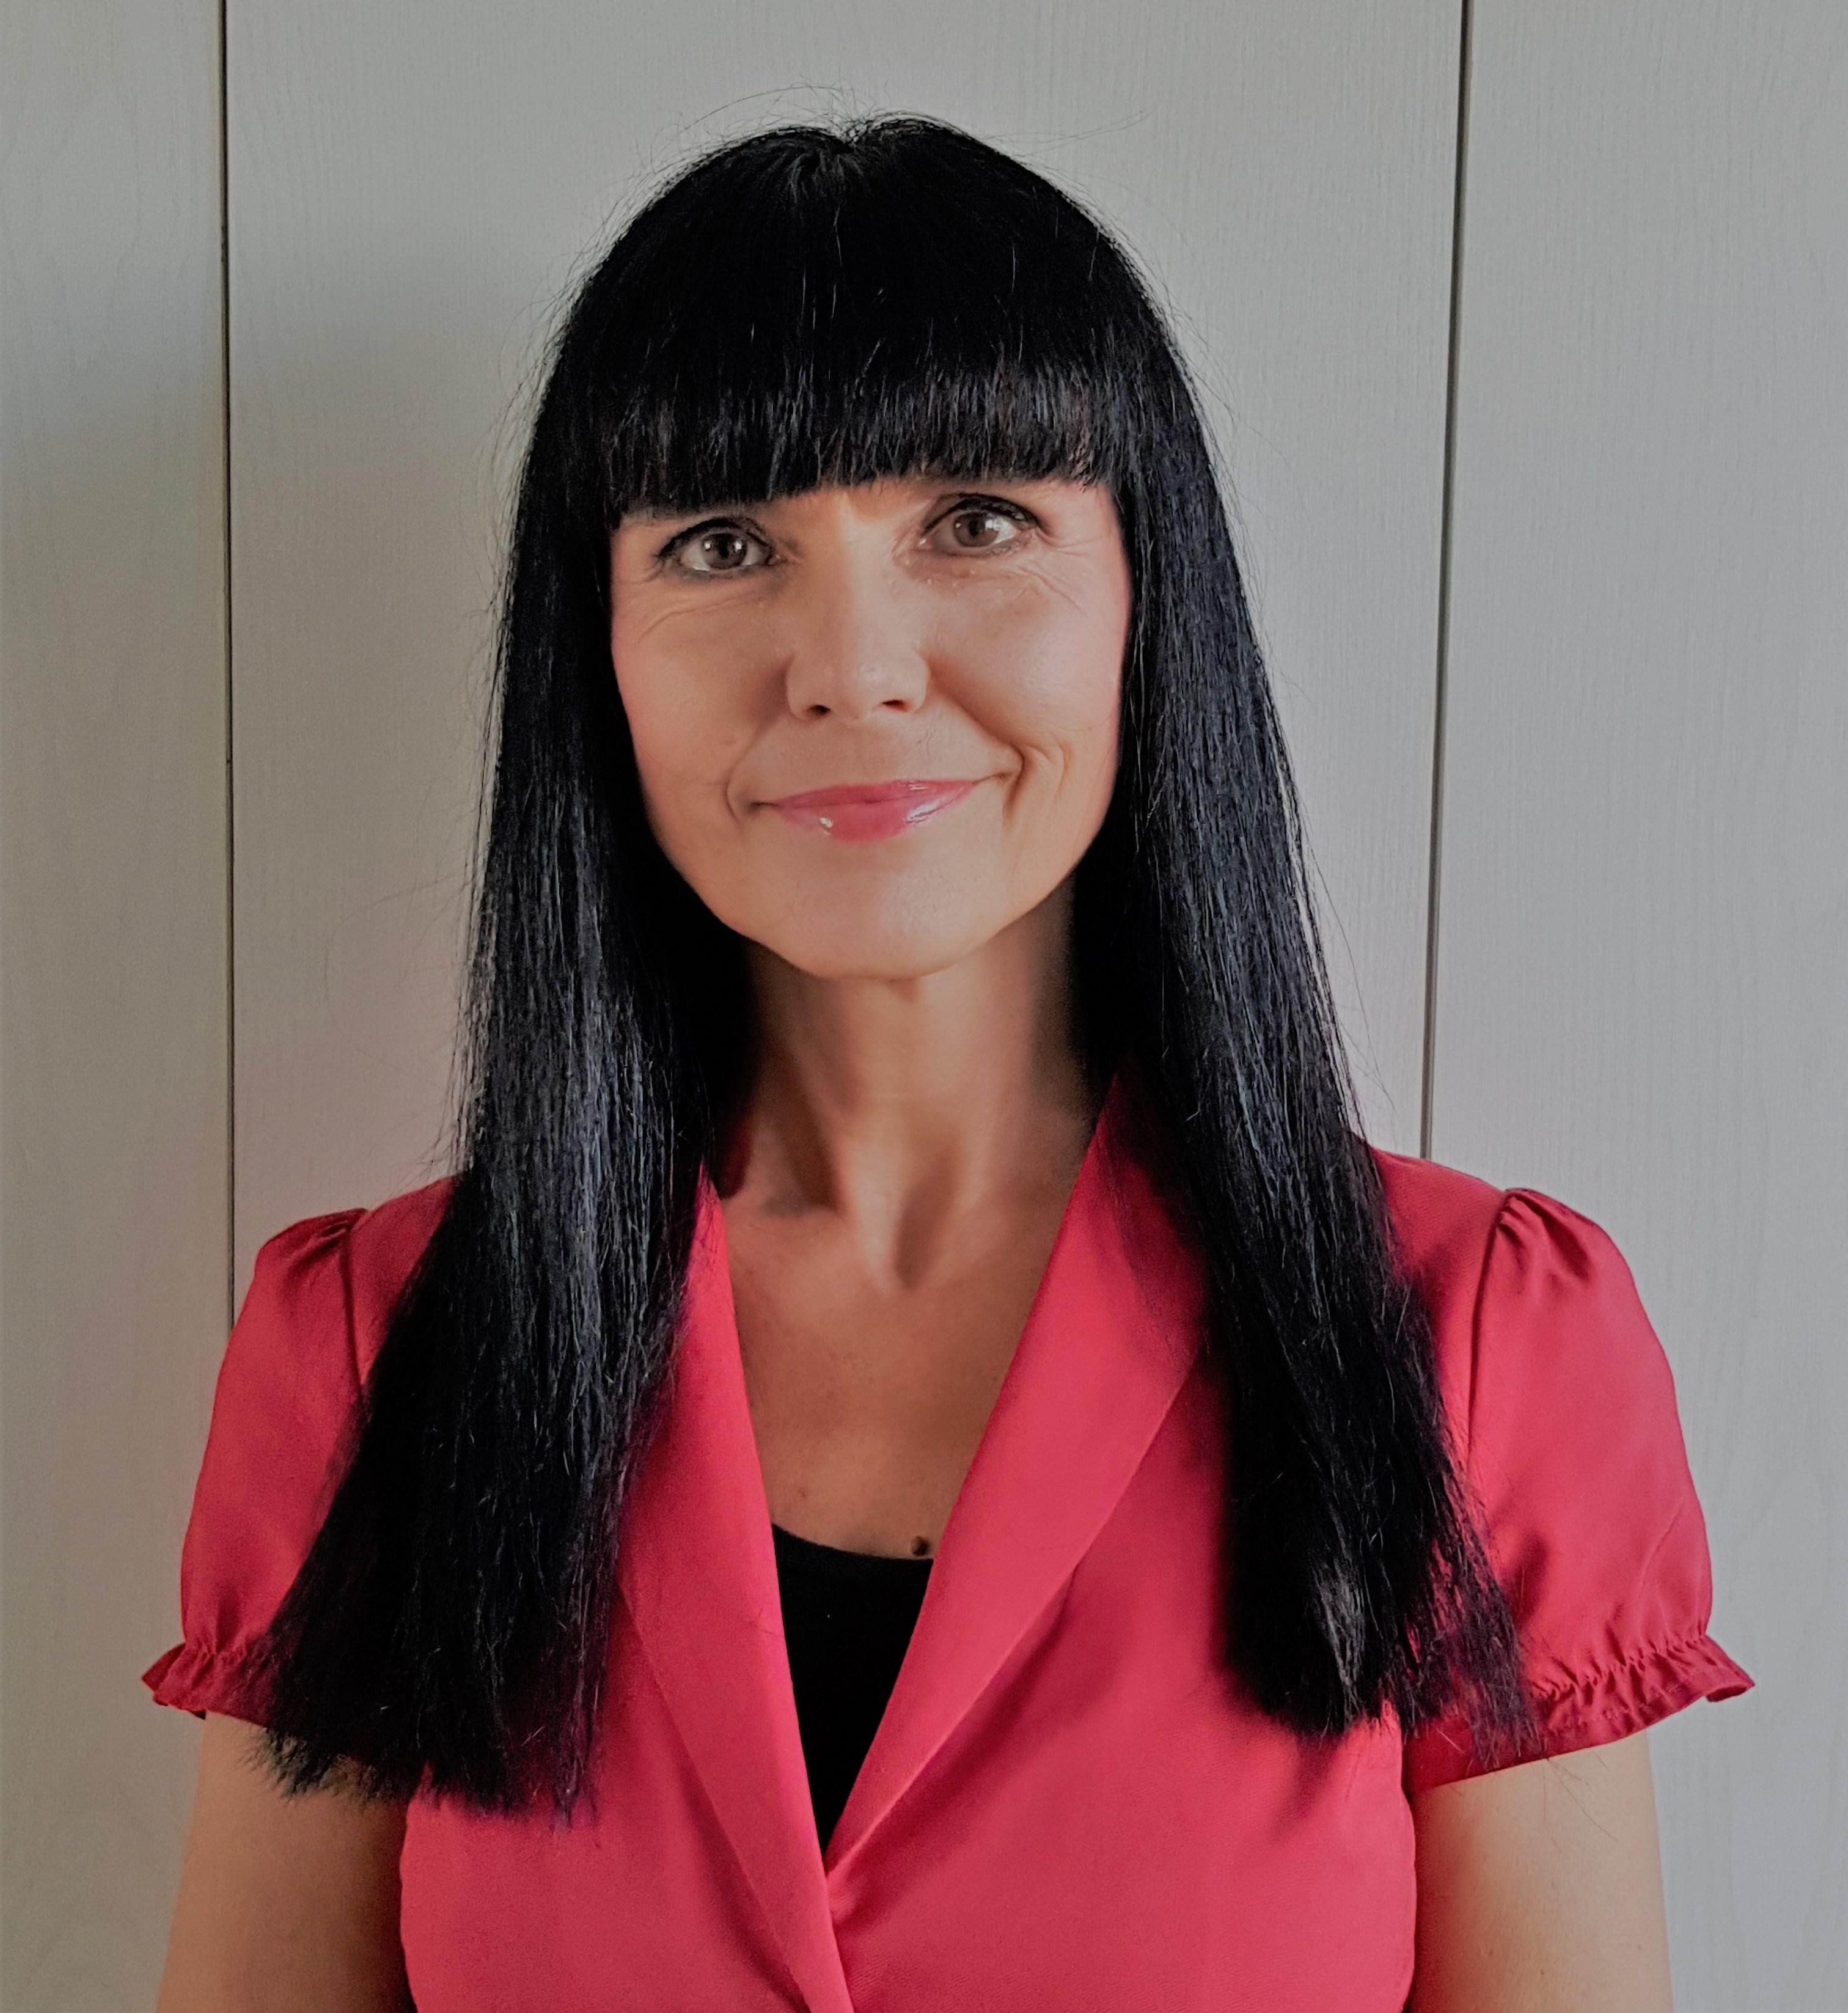 Naj Dobina online mentorica je mag. Sonja Zelnik